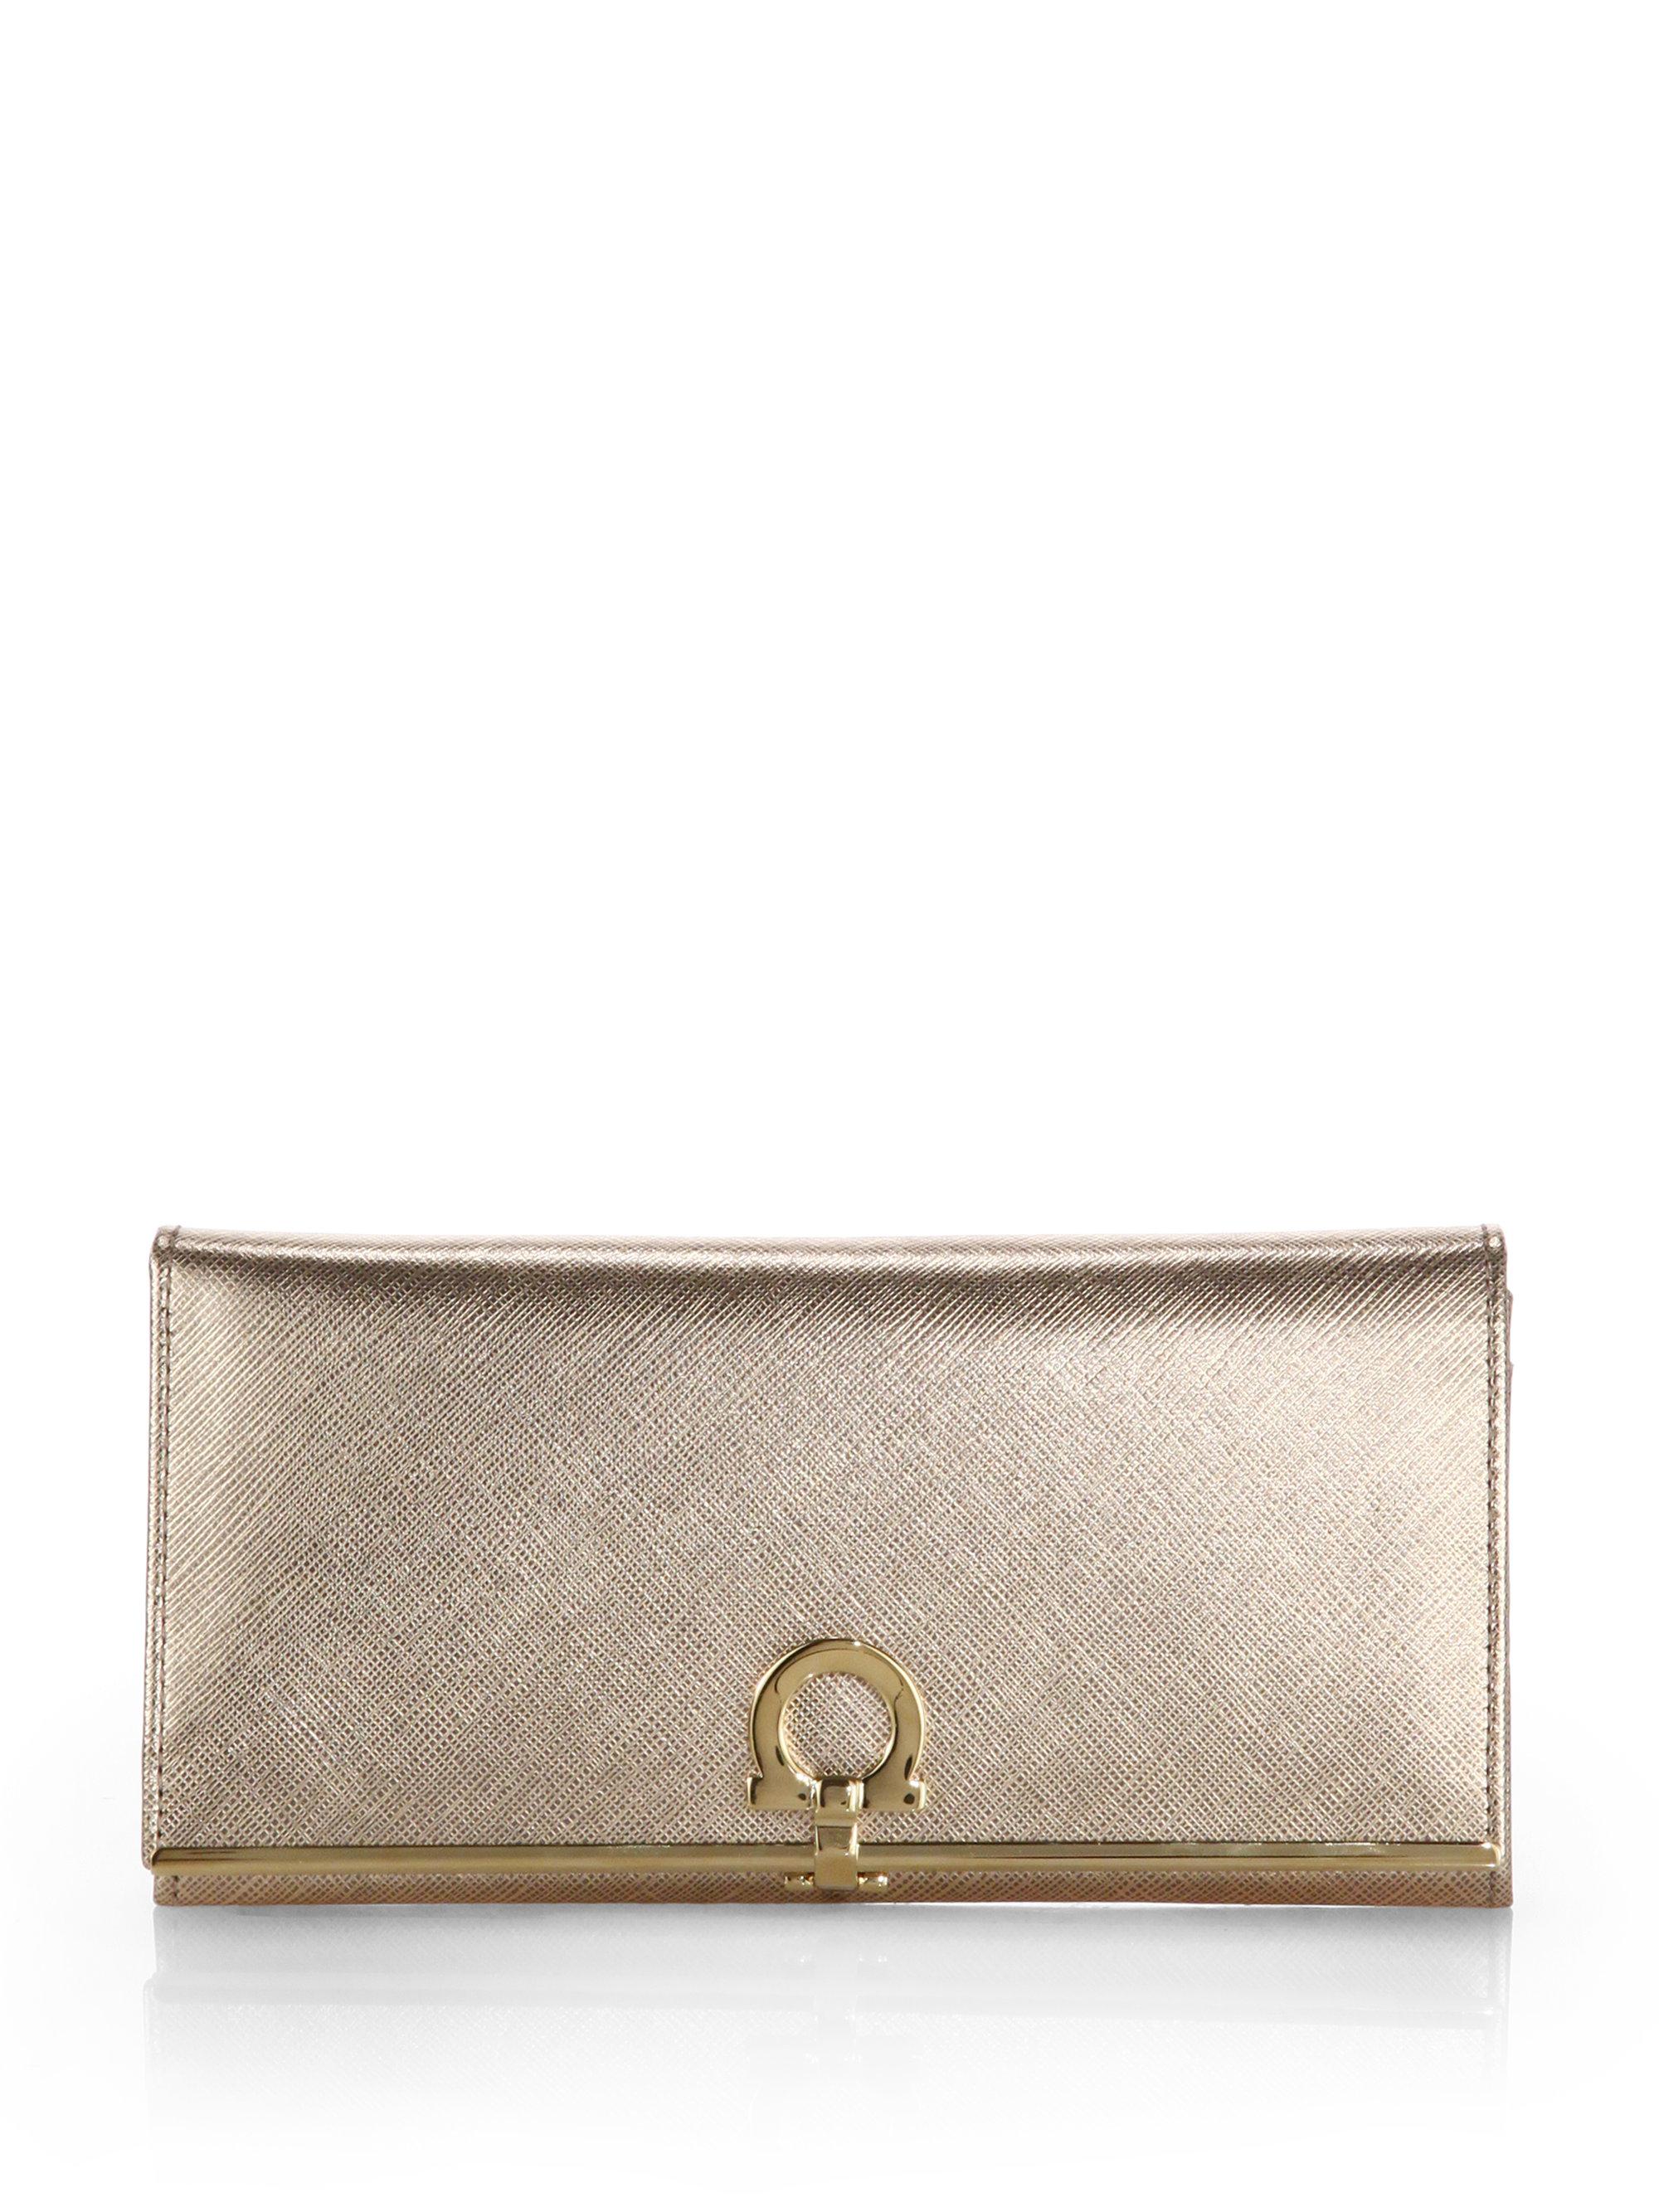 1b27429caf Lyst - Ferragamo Gancini Icona Metallic Saffiano Leather Flap ...